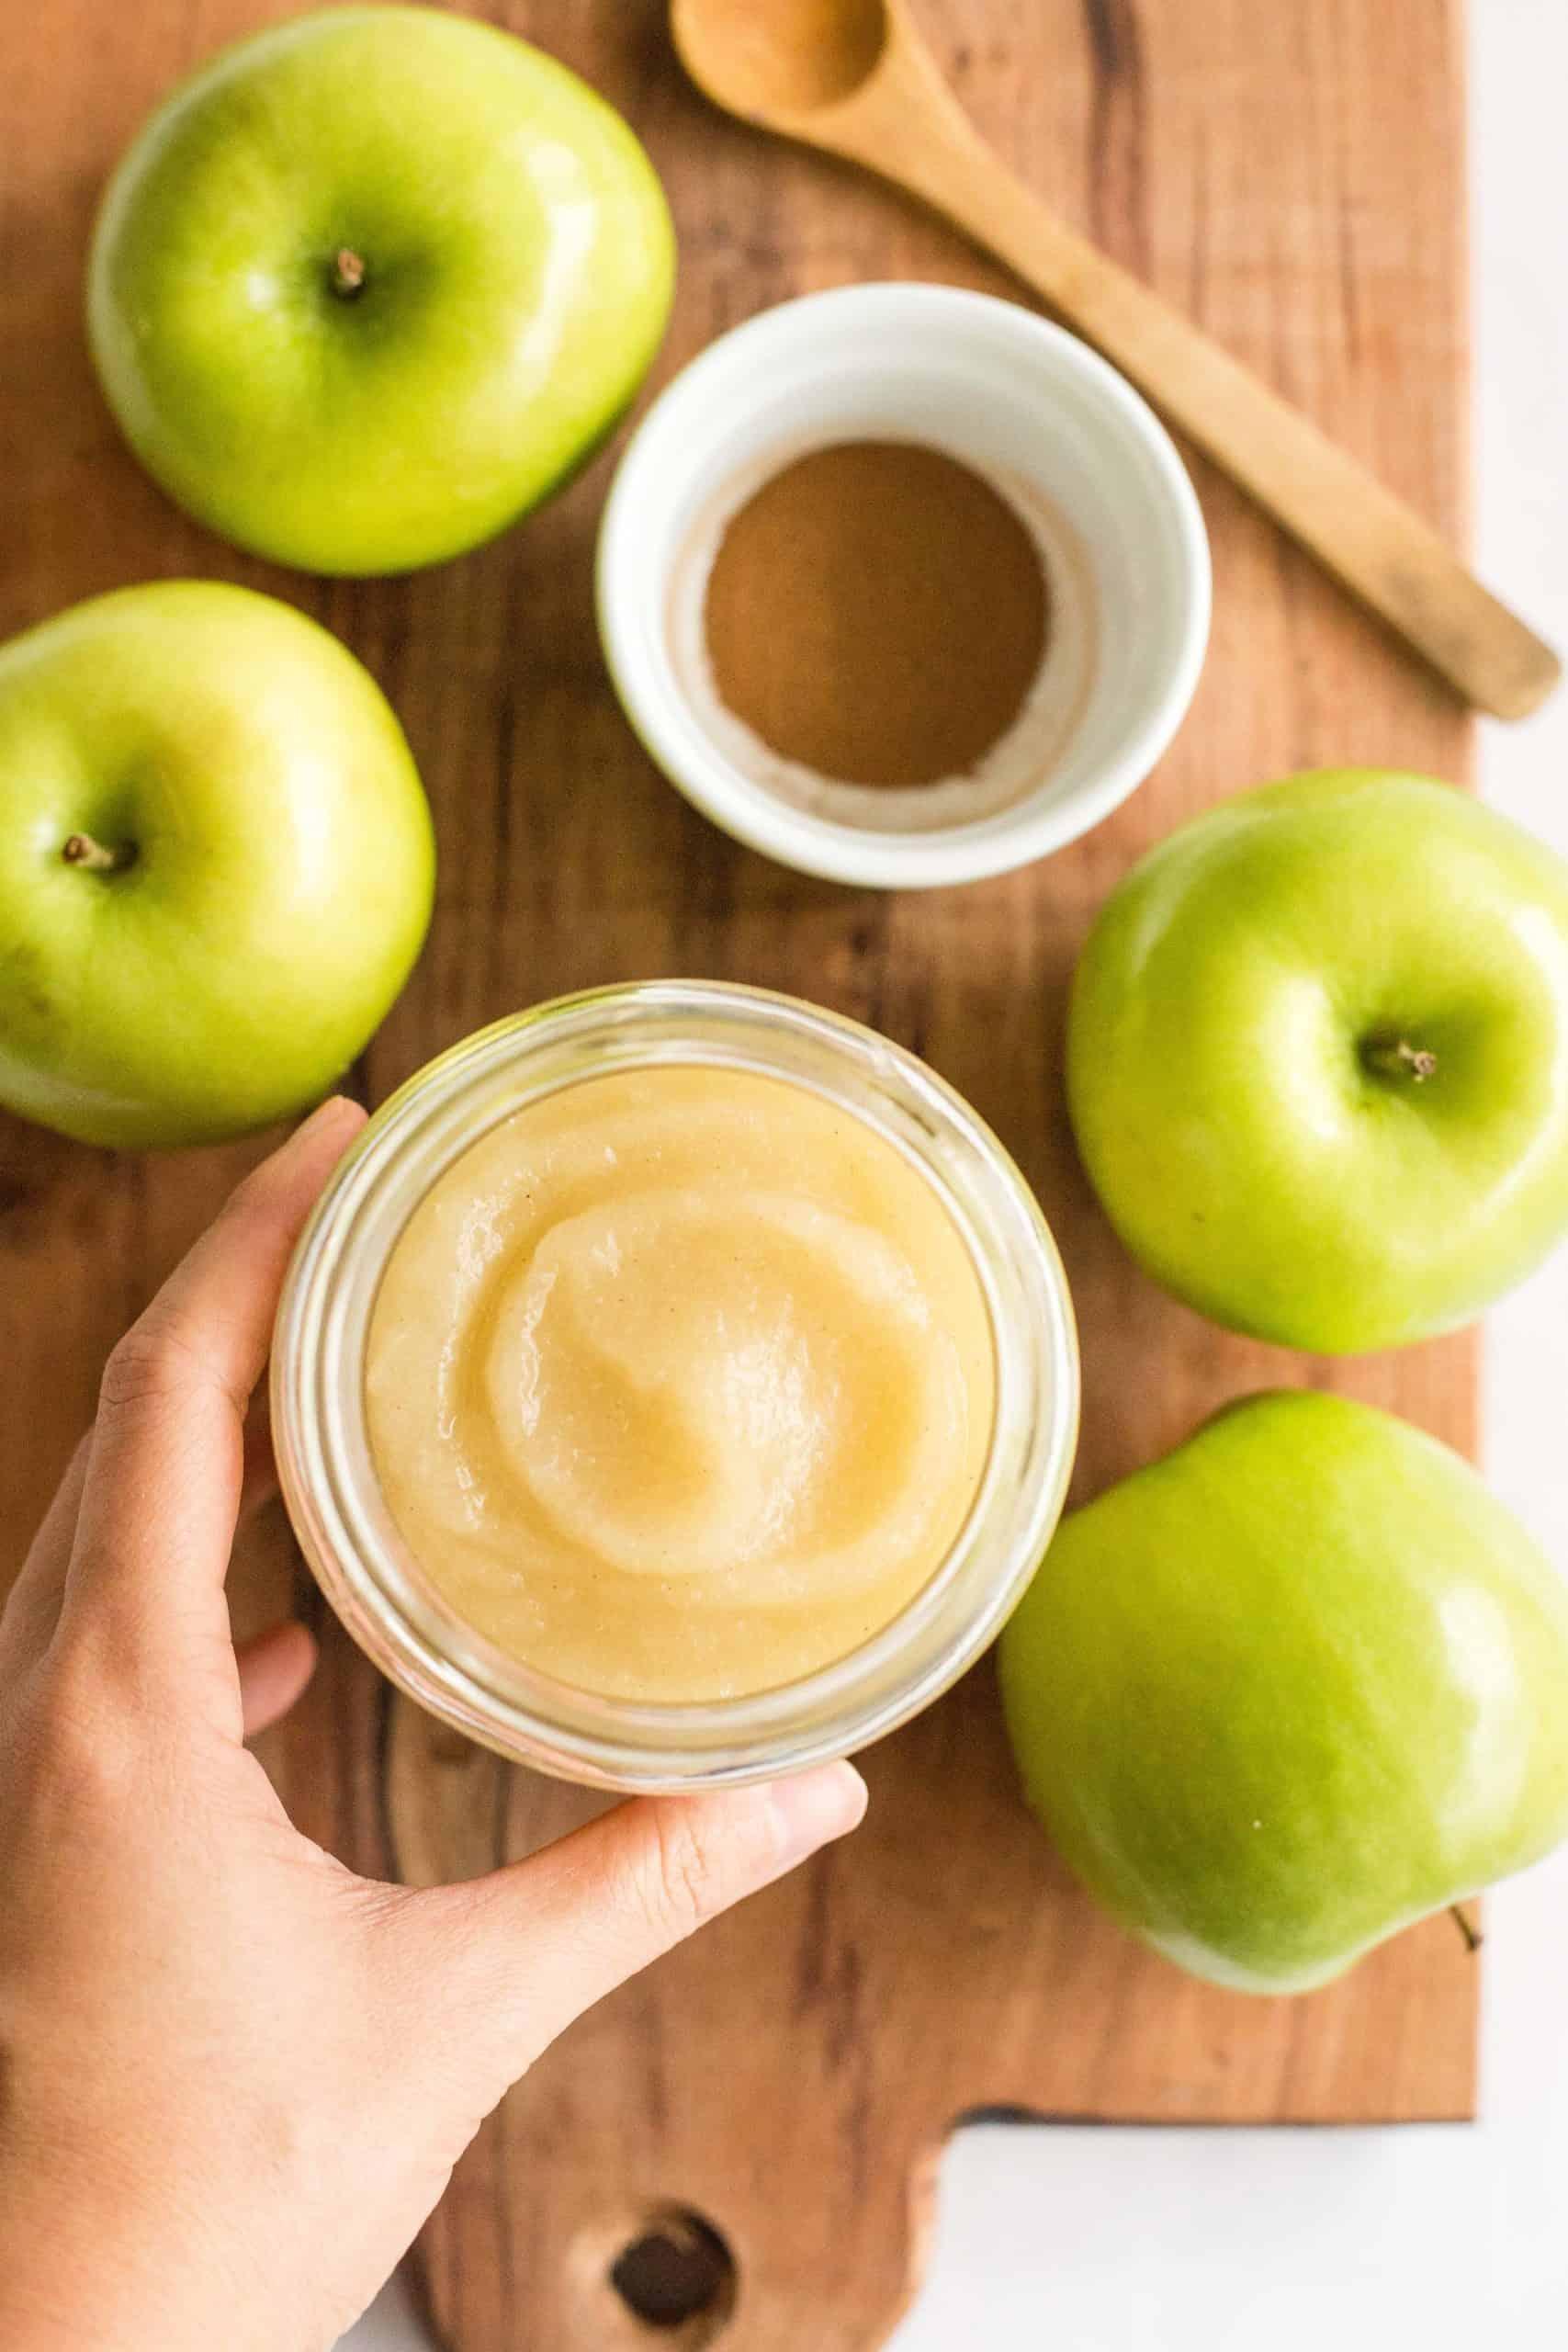 Hand holding a jar of homemade applesauce.